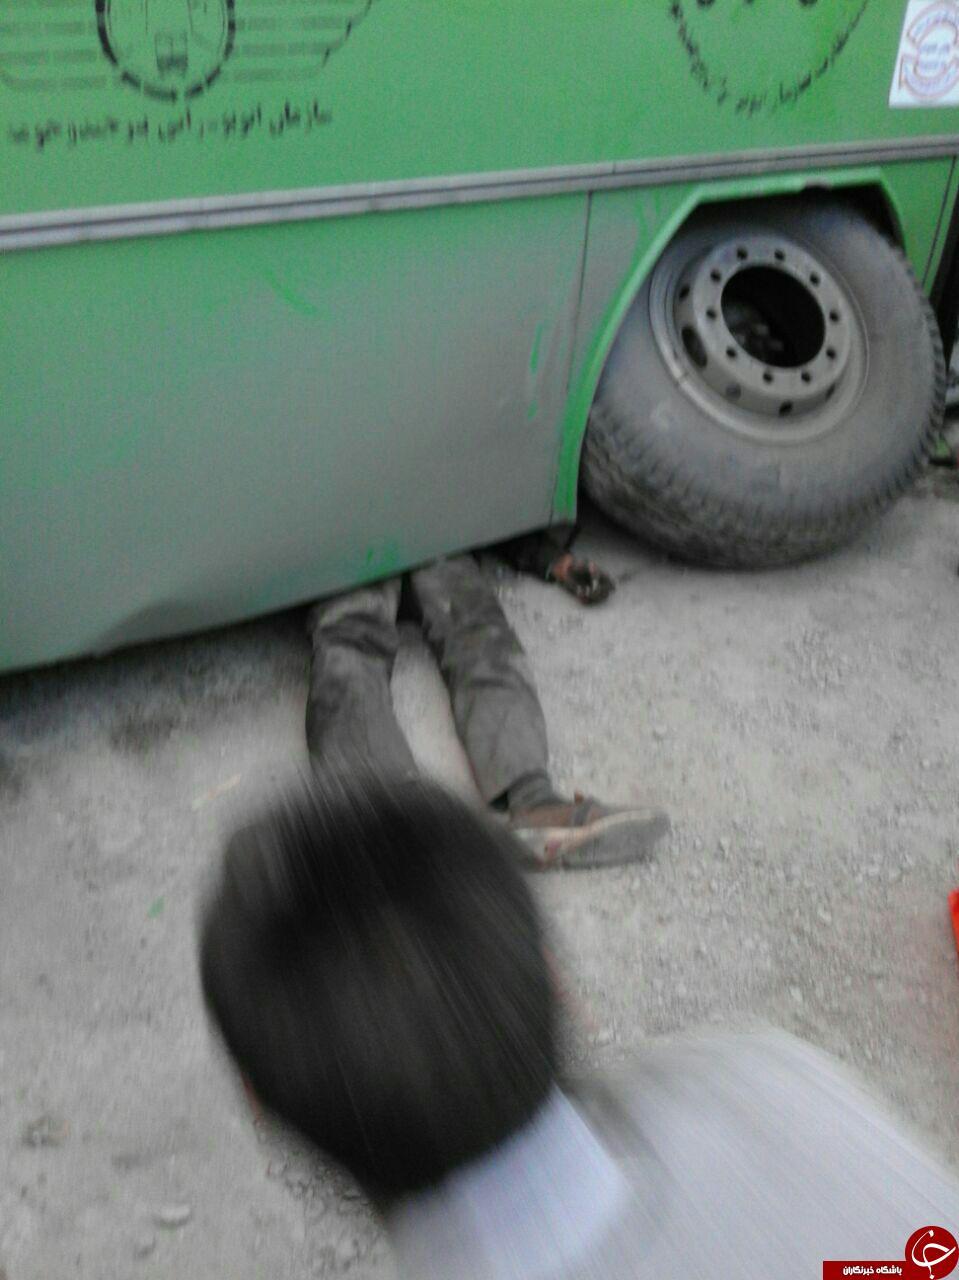 اتوبوسی که روی تعمیرکار آوار شد + فیلم و تصاویر (18+)